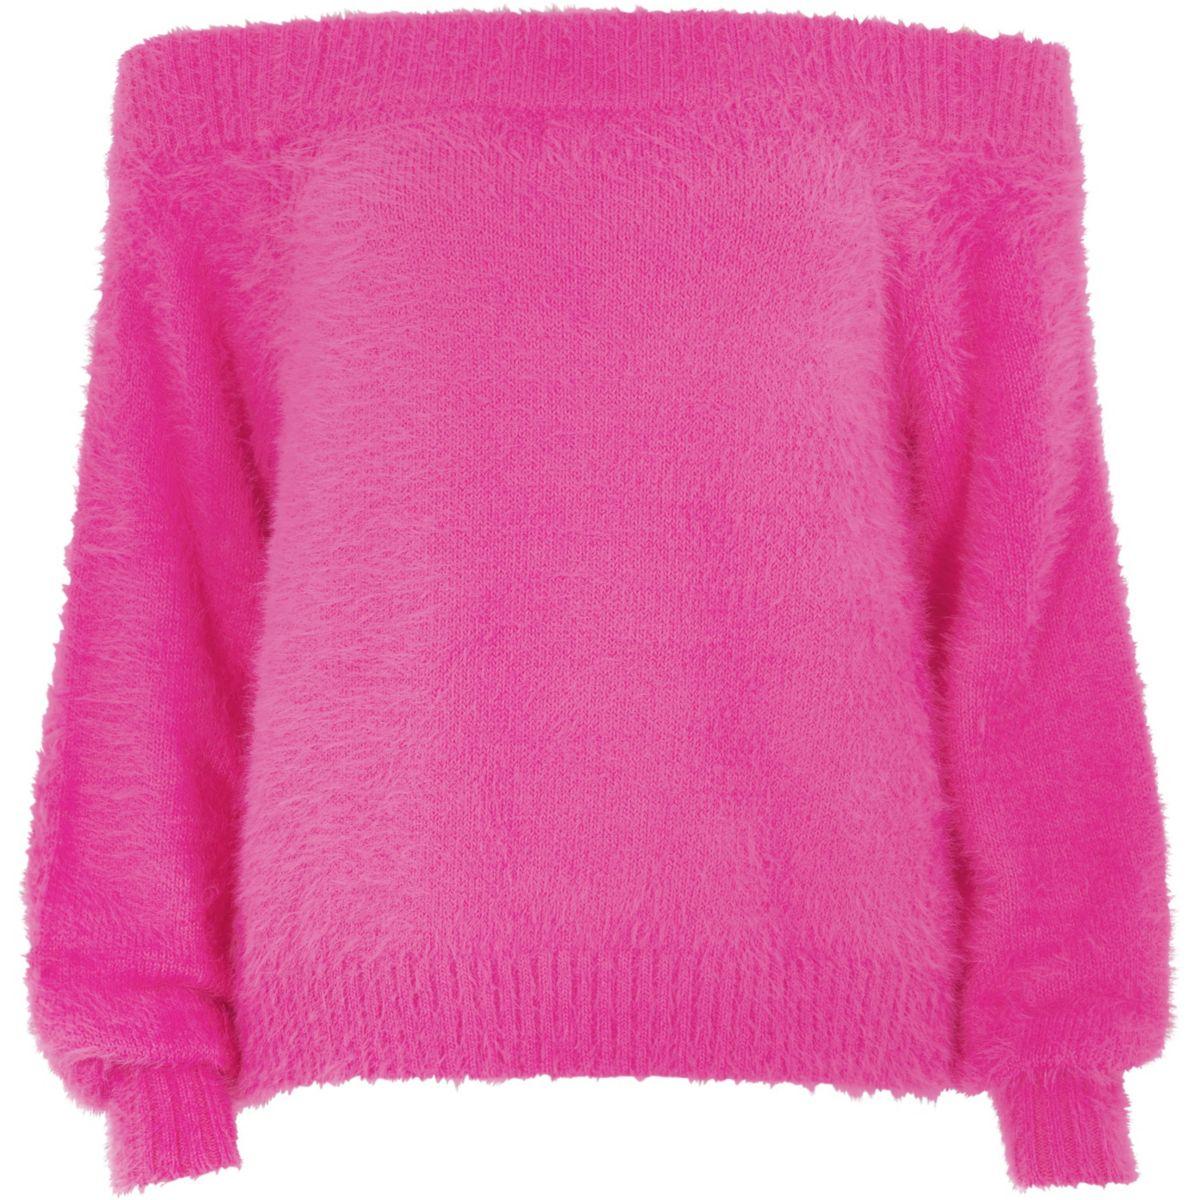 Bright pink bardot fluffy knit sweater